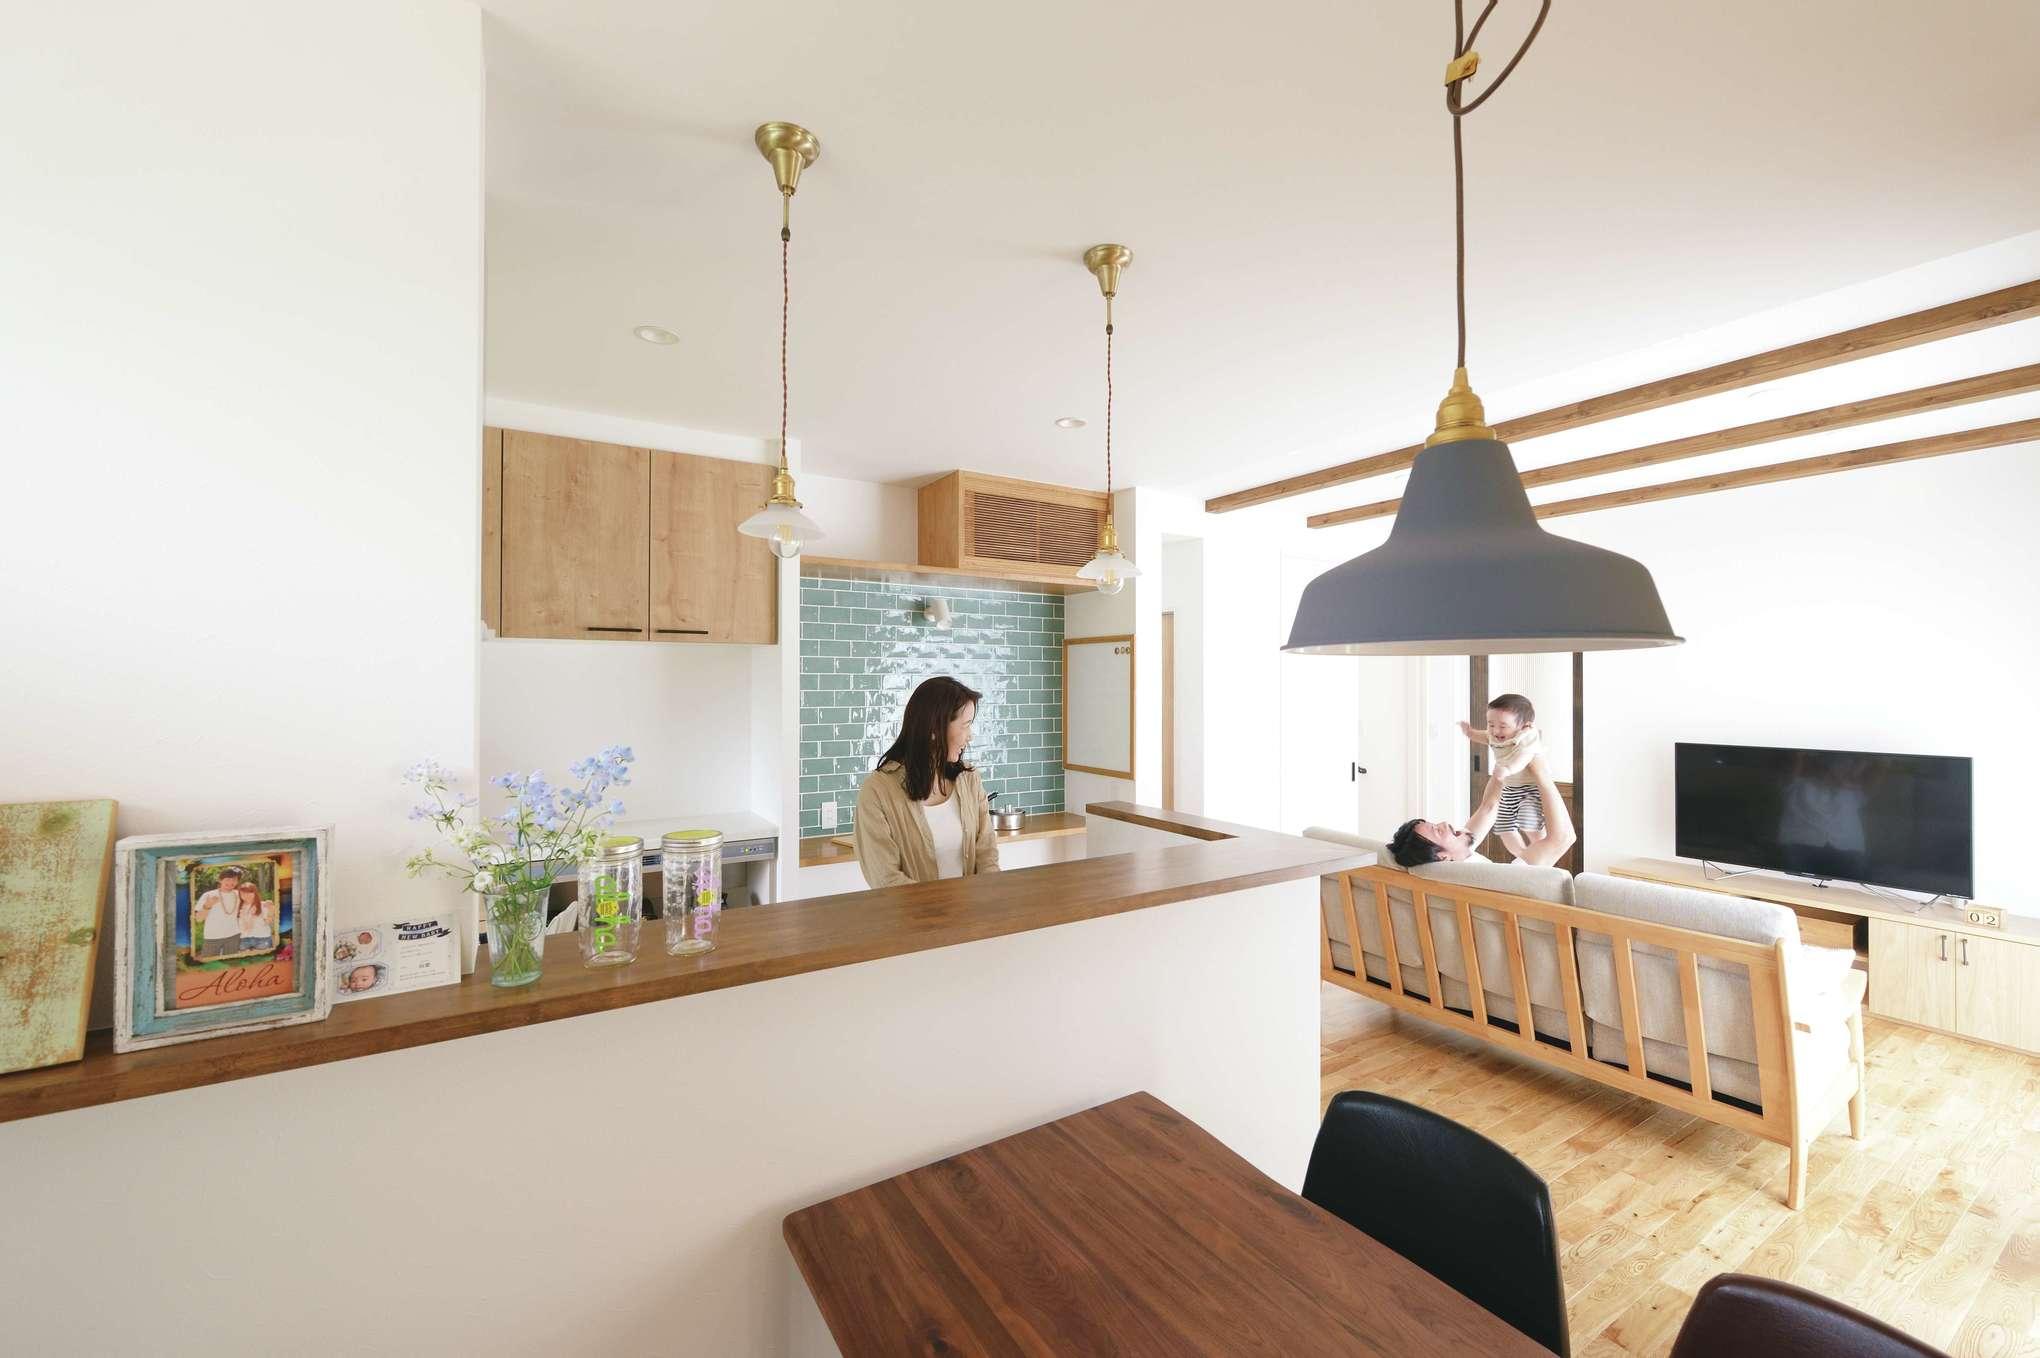 小玉建設【デザイン住宅、自然素材、間取り】ゆったりと広いリビング。天井の見せ梁もナチュラル感を醸す空間づくりに一役買っている。キッチンのそばに水回りを集約し、奥さまの家事負担を軽減